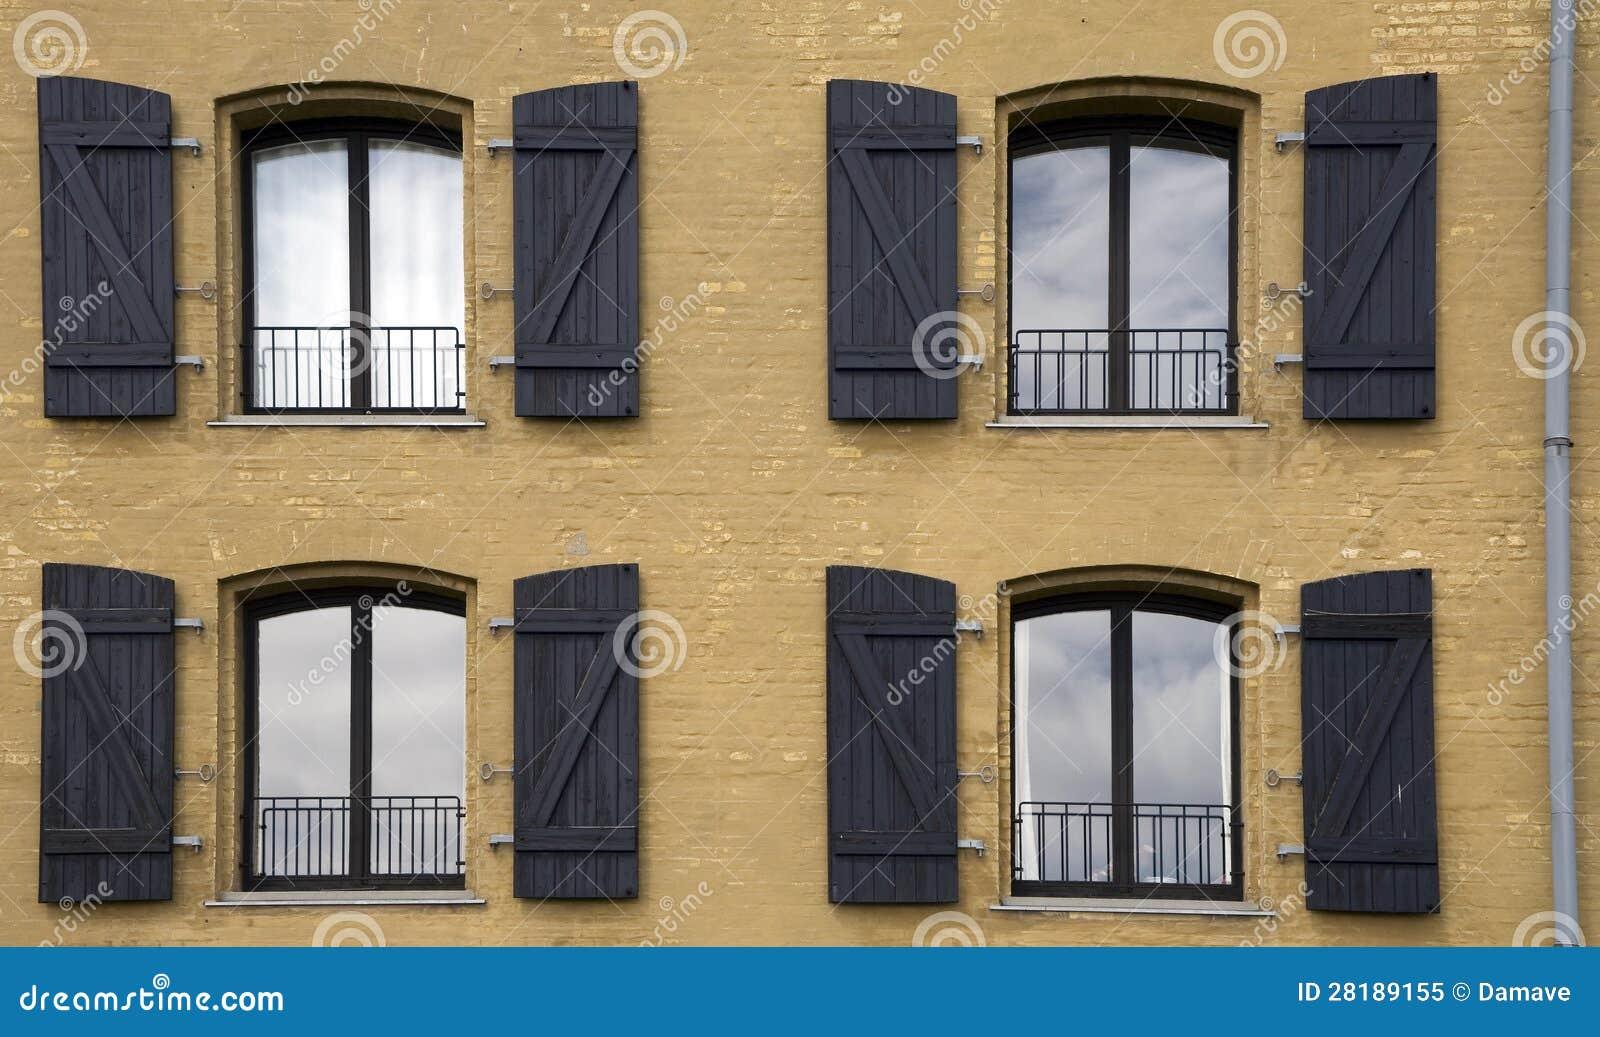 Quattro finestre sulla facciata di una casa immagine stock for Una casa con cornice libera